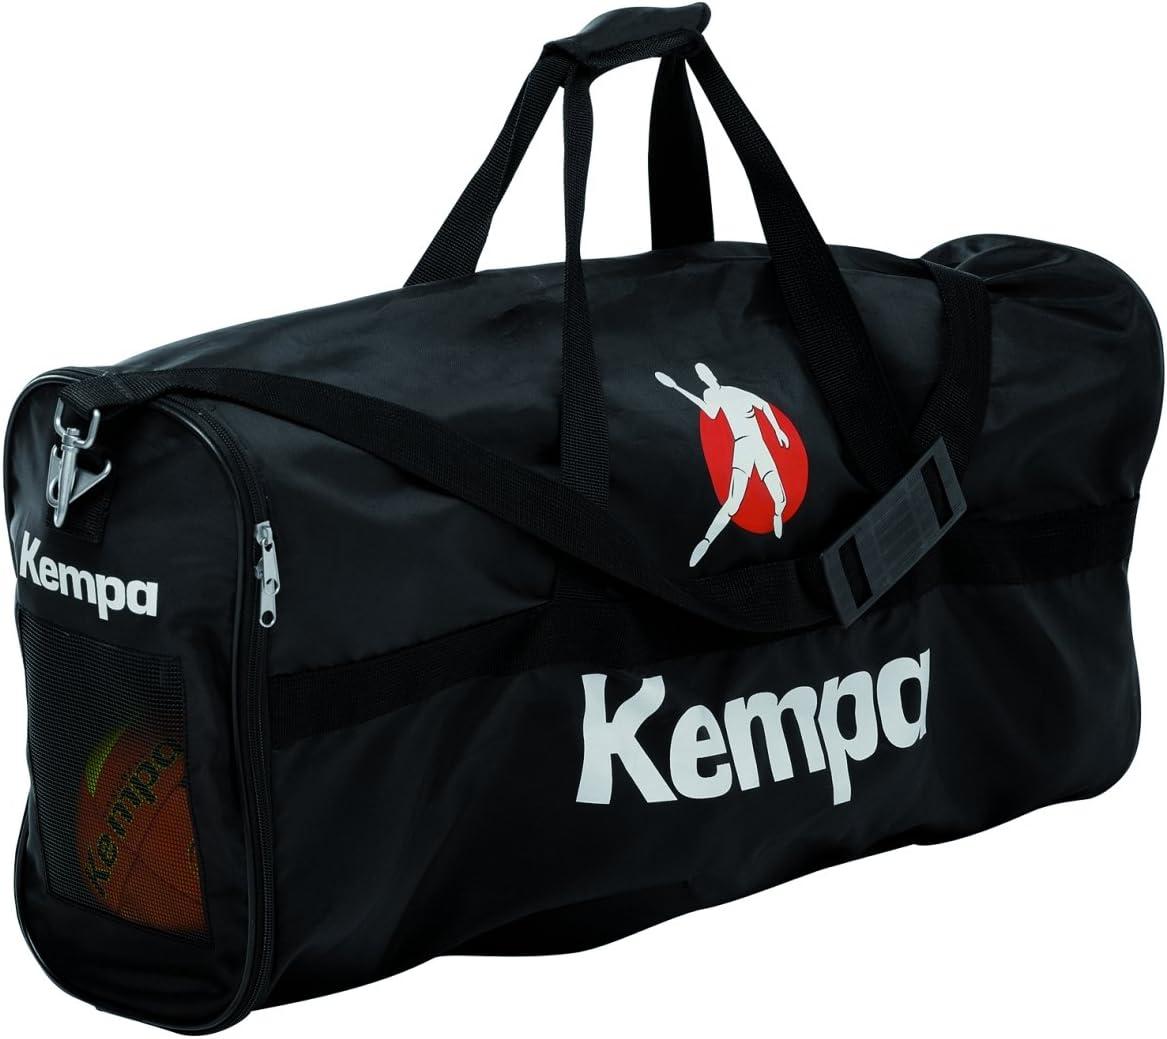 Kempa Soft Bolsa para 8 Pelotas de Balonmano